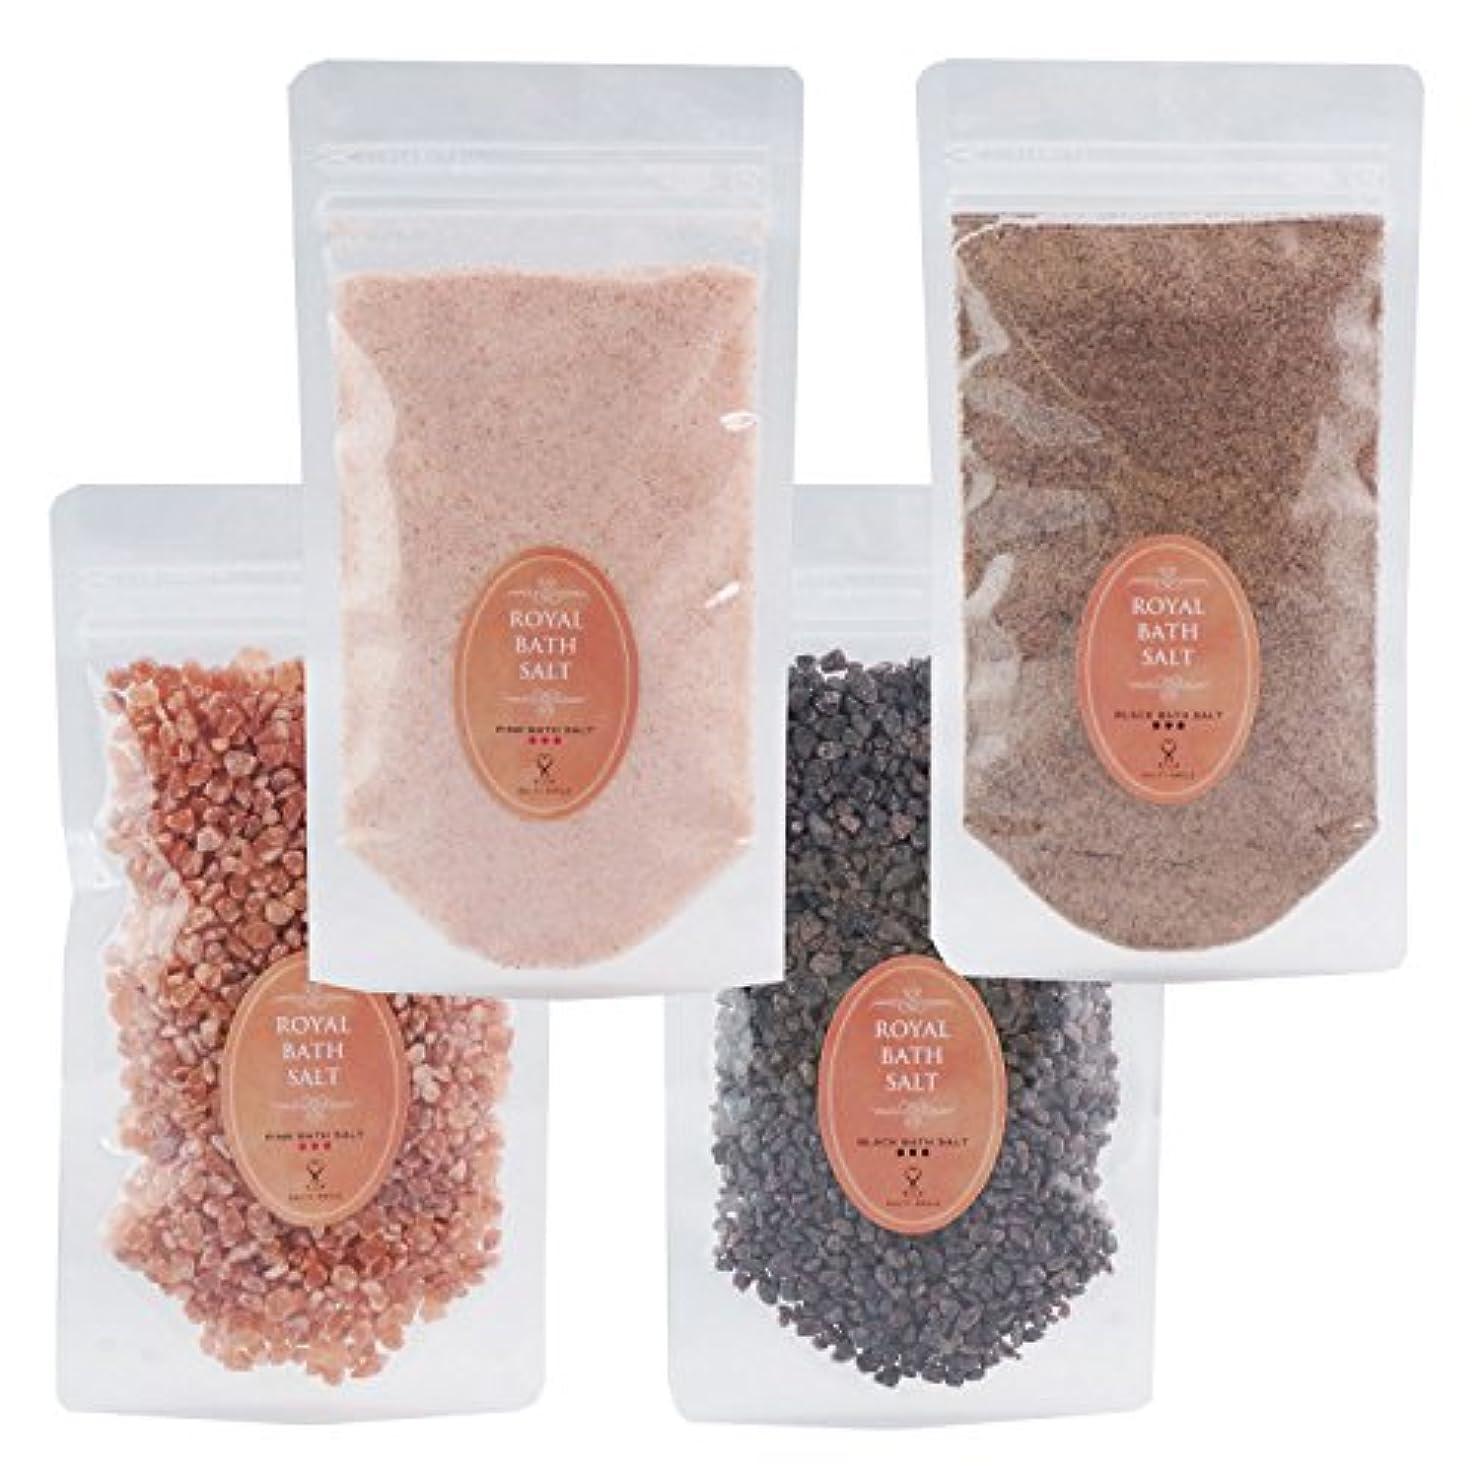 製造しがみつく物足りないロイヤル バスソルト ヒマラヤ岩塩 ピンク ブラック パウダー グレイン 各200g 細粒 粗粒 ROYAL BATH SALT